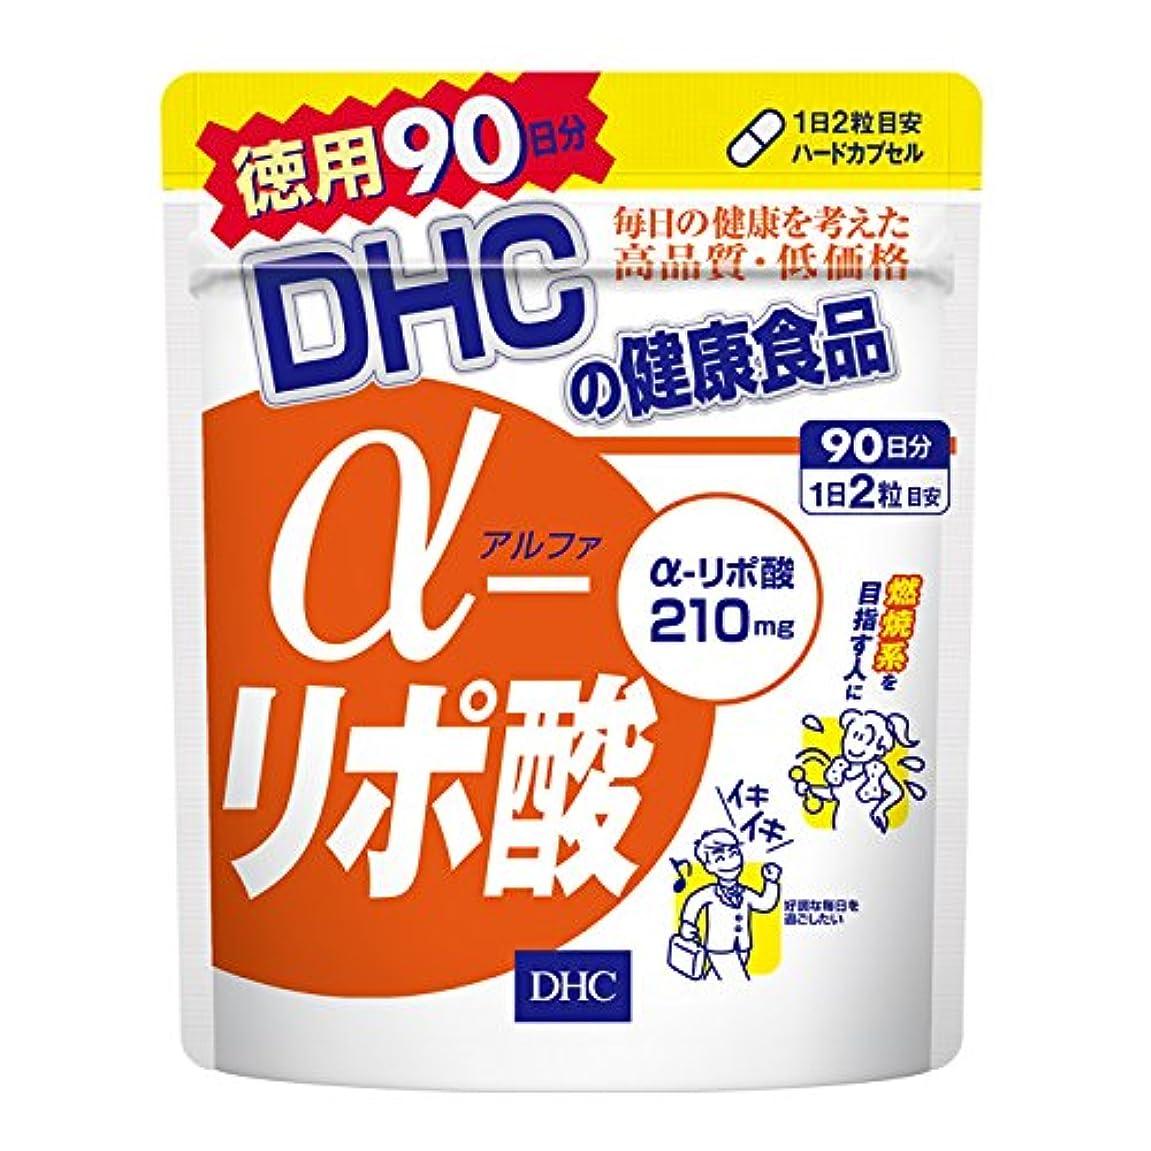 立方体醸造所ハンドブックDHC α(アルファ)-リポ酸 徳用90日分